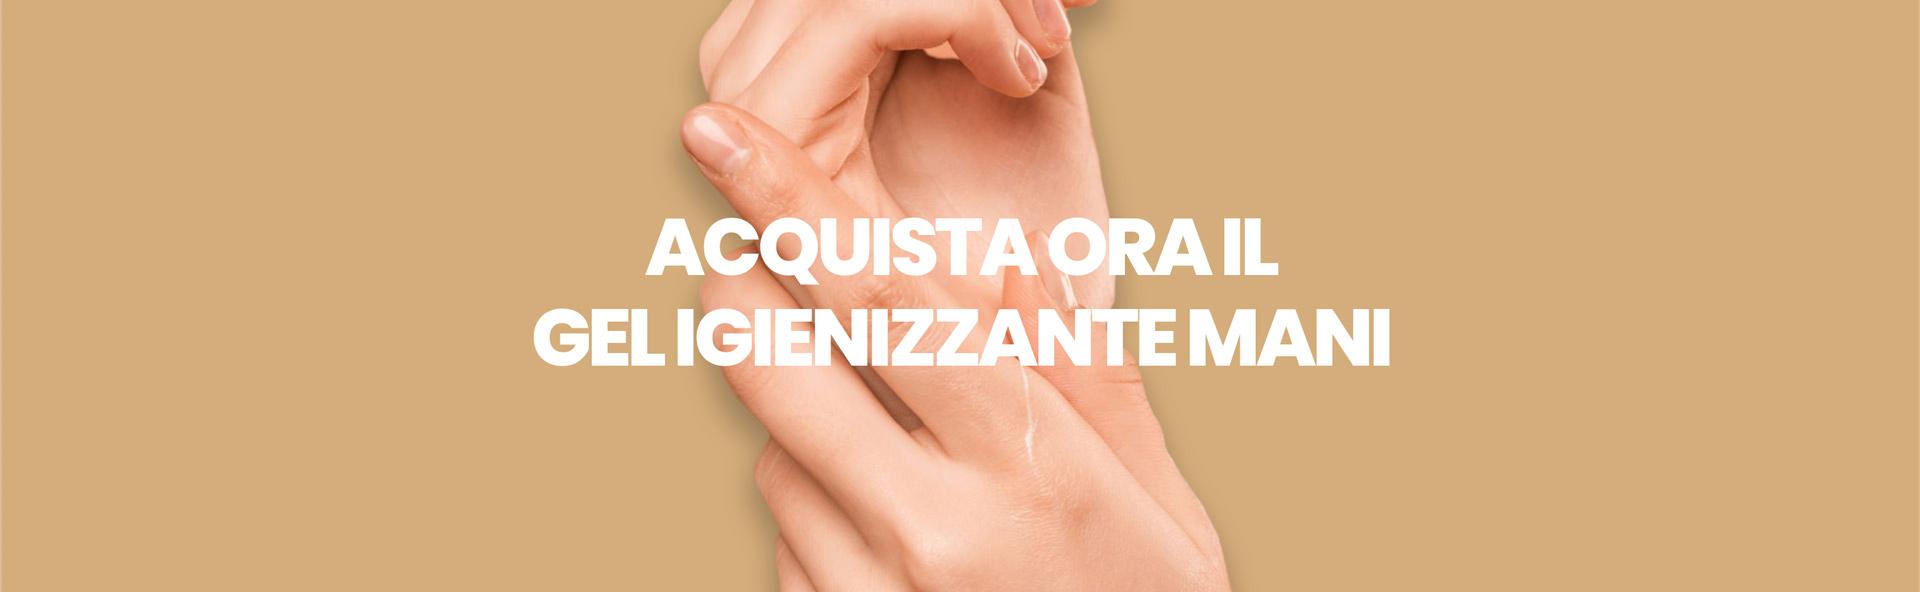 Gel igienizzante mani - Spray igienizzante mani - Acquista Online su Fisio.it - Mani che si toccano